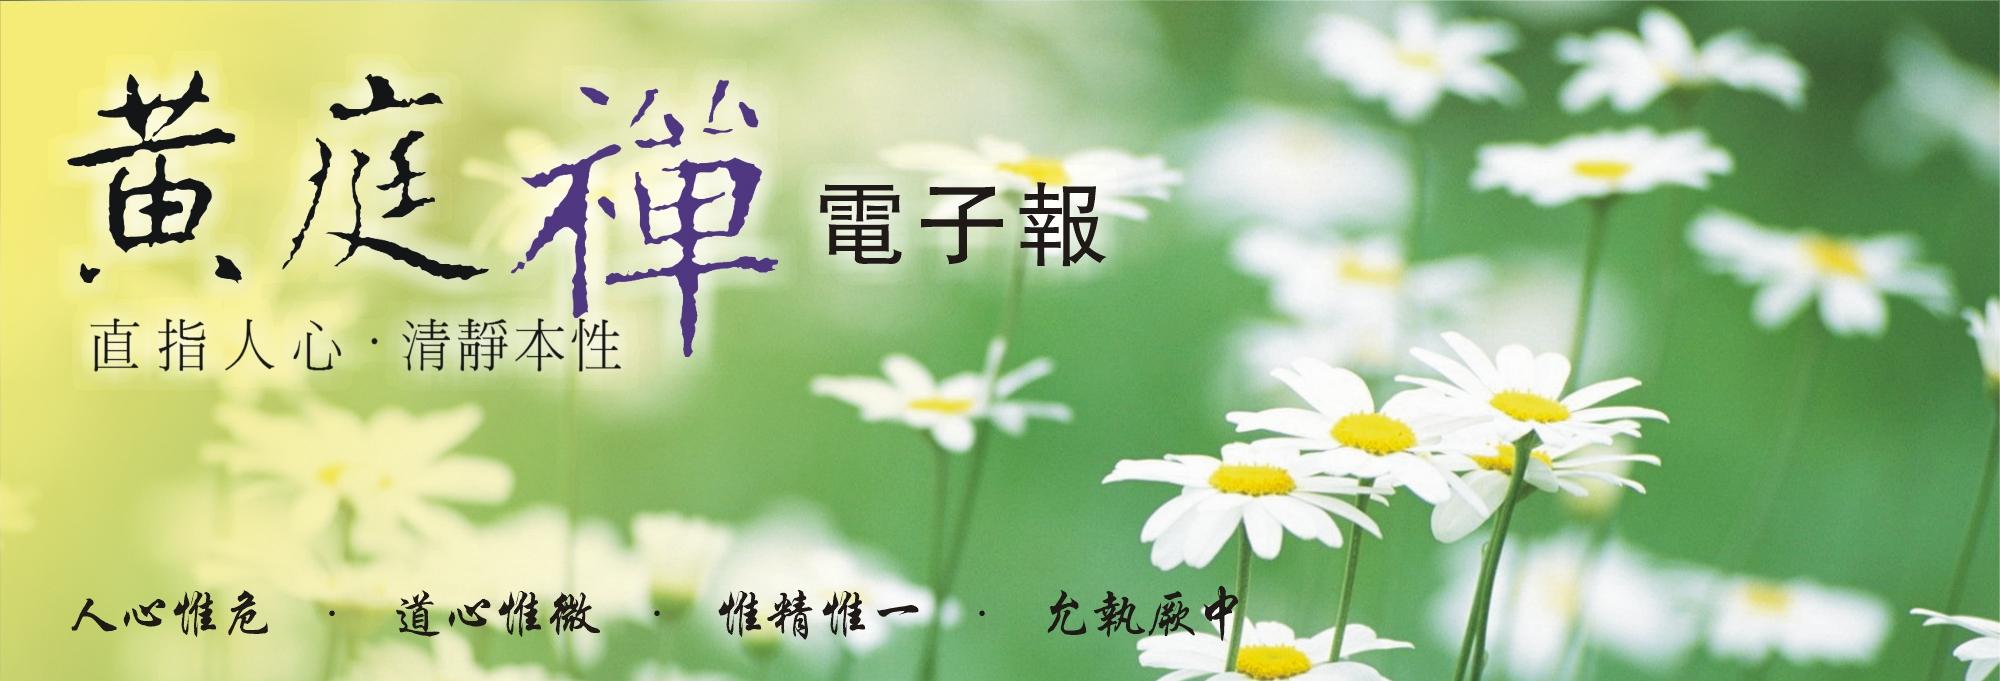 中華黃庭禪學會2014.08.21電子報